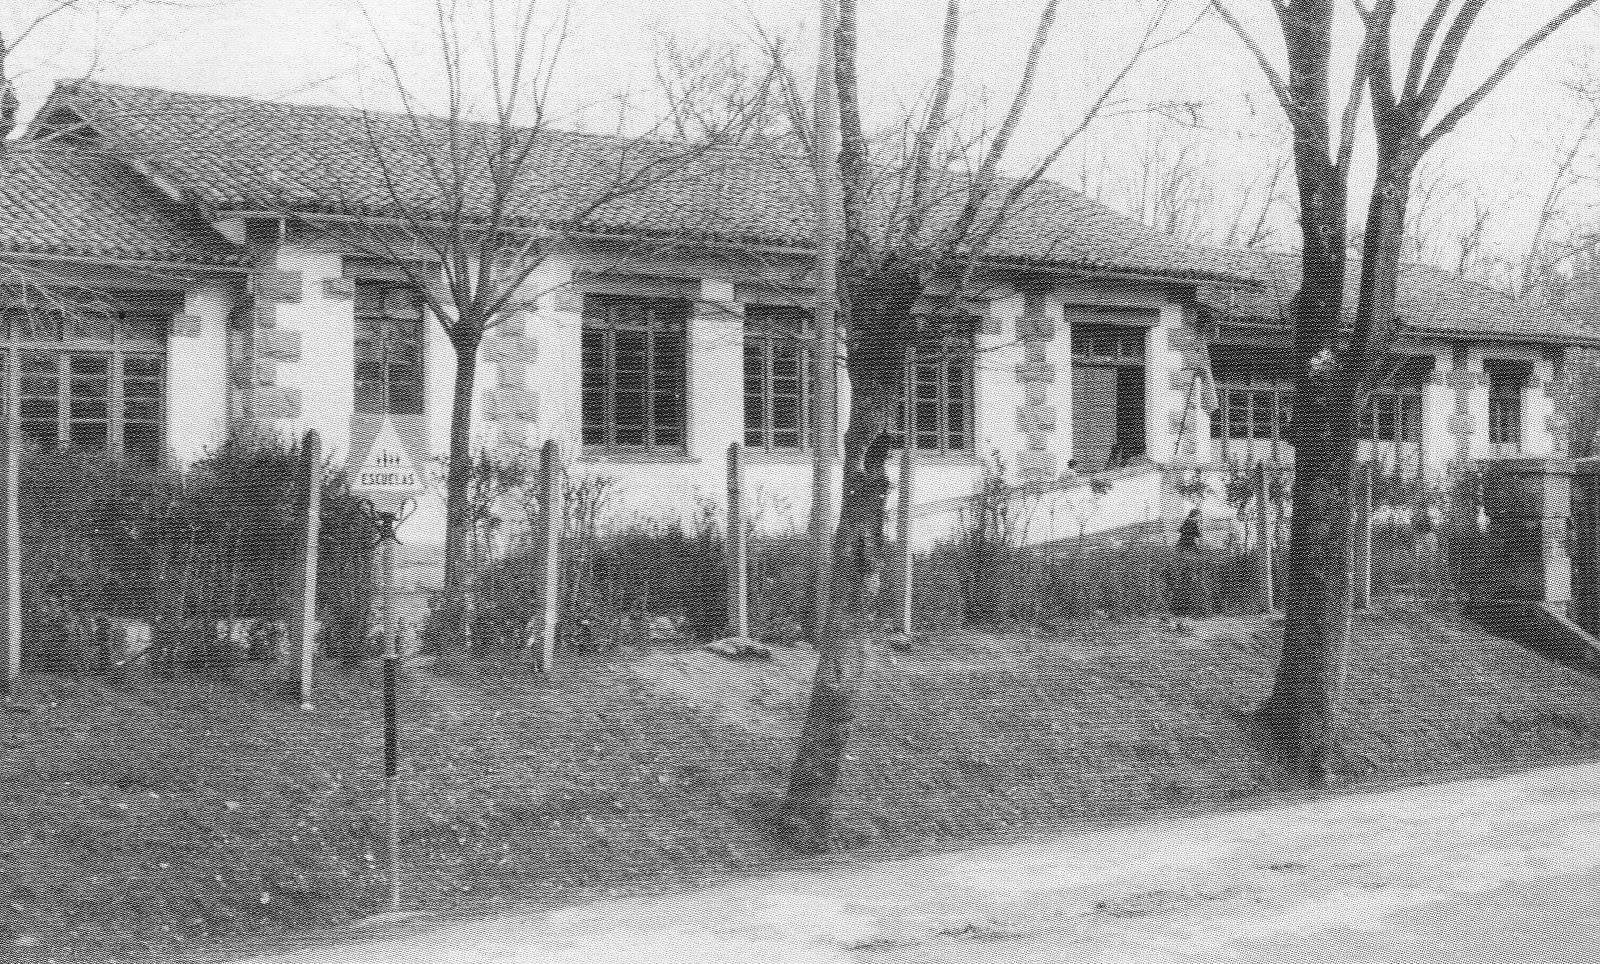 Memorias del viejo pamplona maestros escuelas cantinas for Casa puntos pamplona